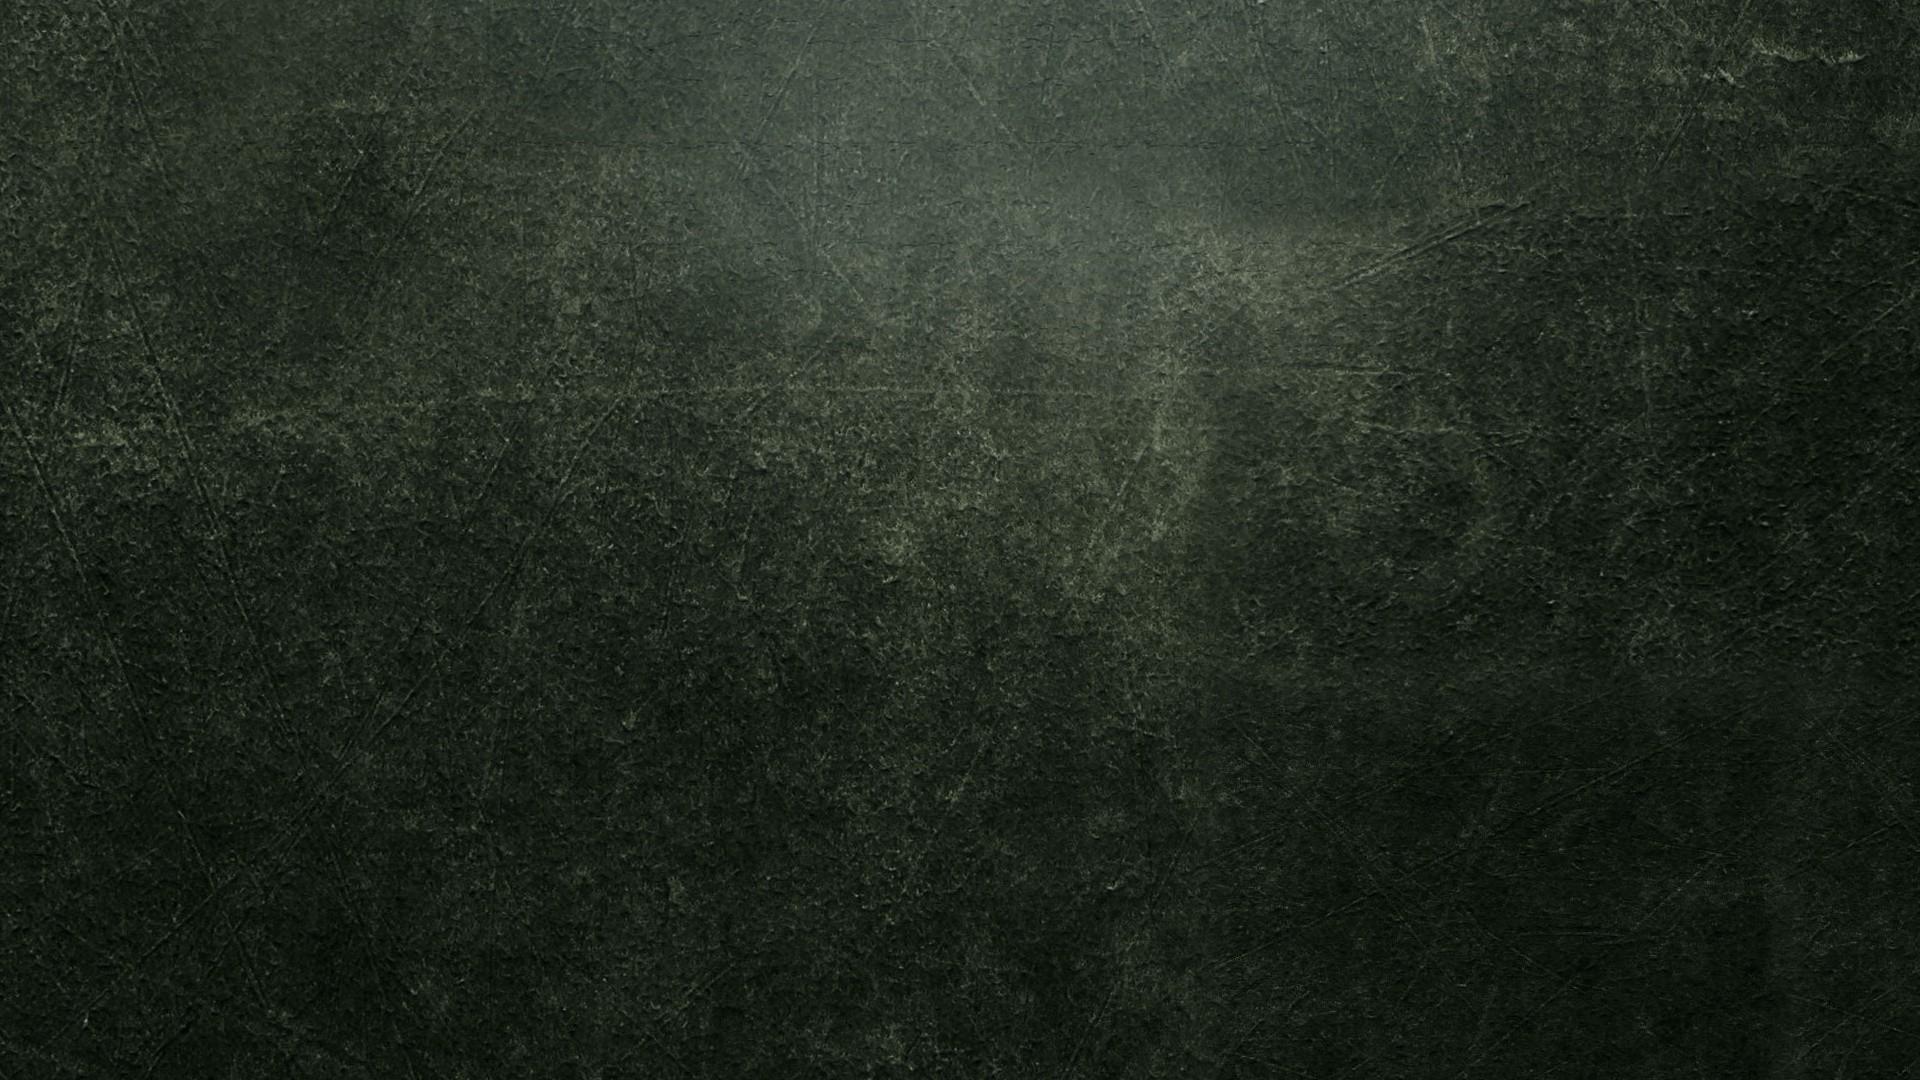 Chalkboard Free Wallpaper